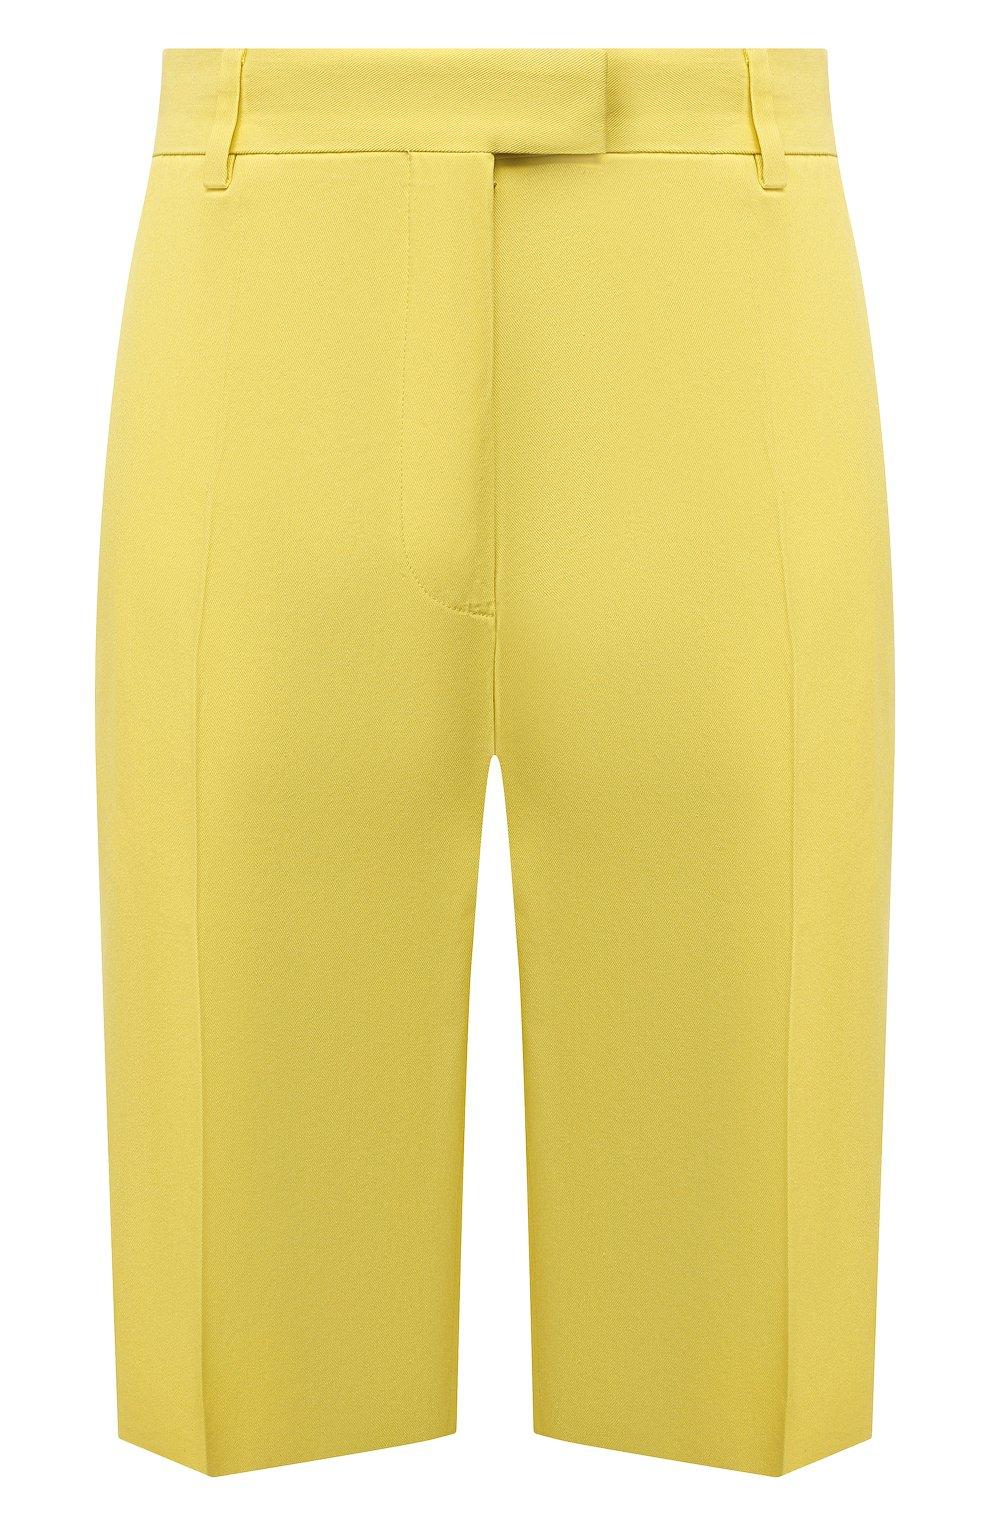 Женские шорты из хлопка и вискозы DRIES VAN NOTEN желтого цвета, арт. 211-10906-2109 | Фото 1